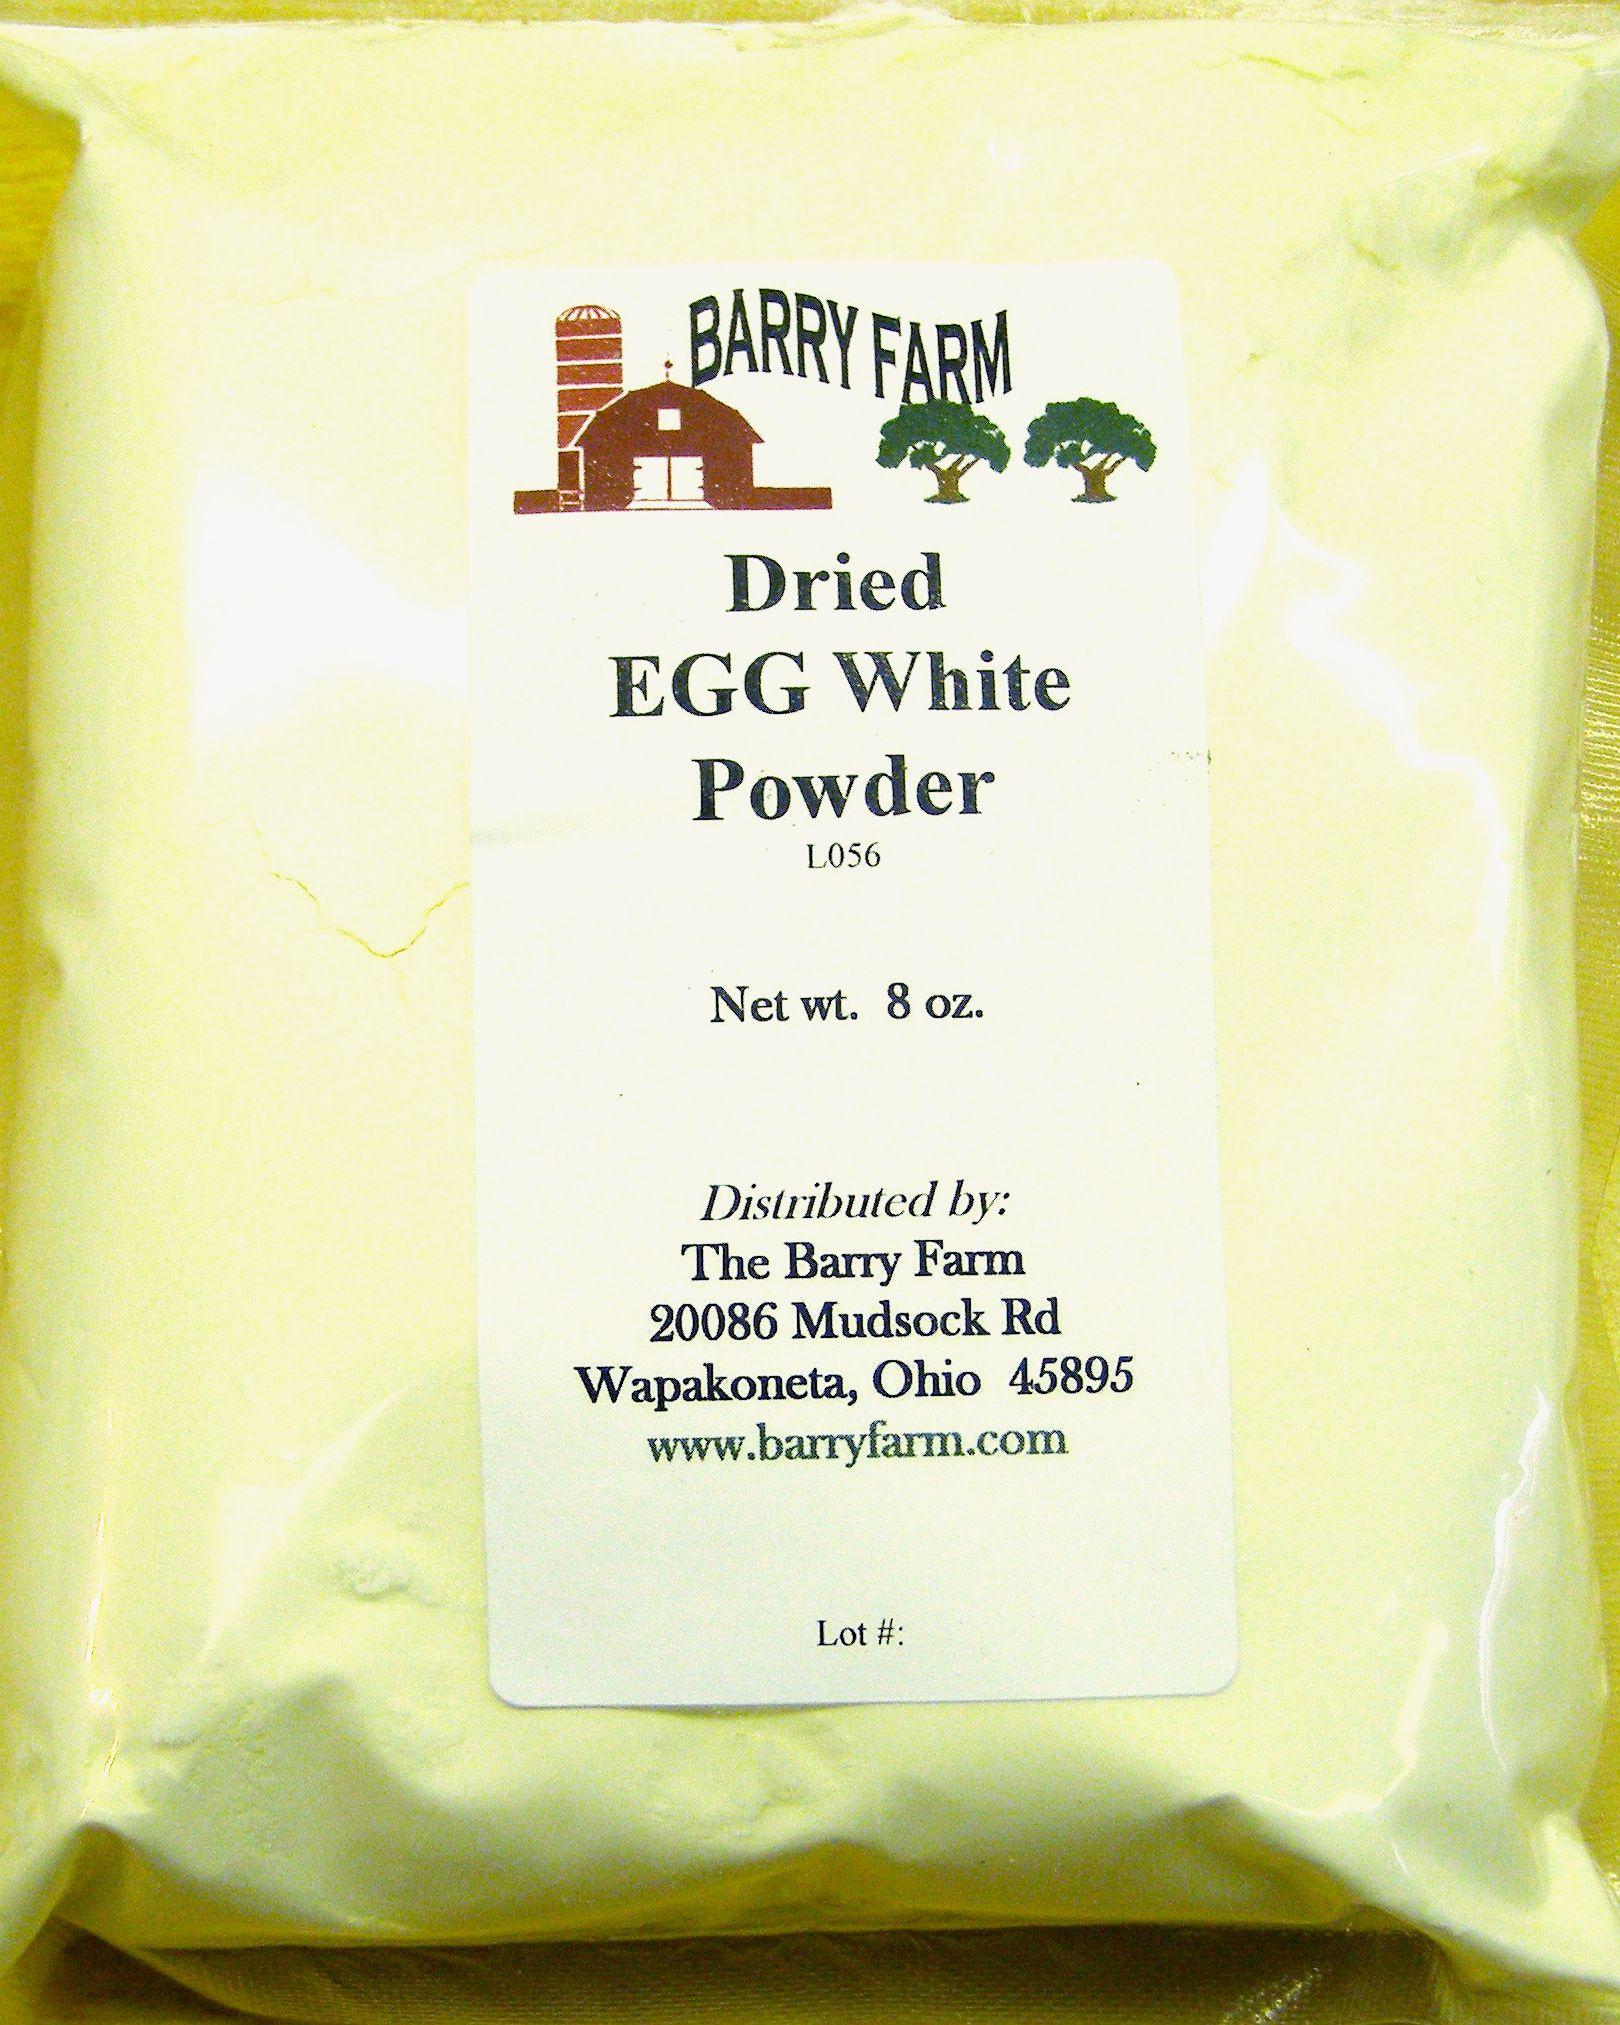 egg white powder.jpg (1428148 bytes)